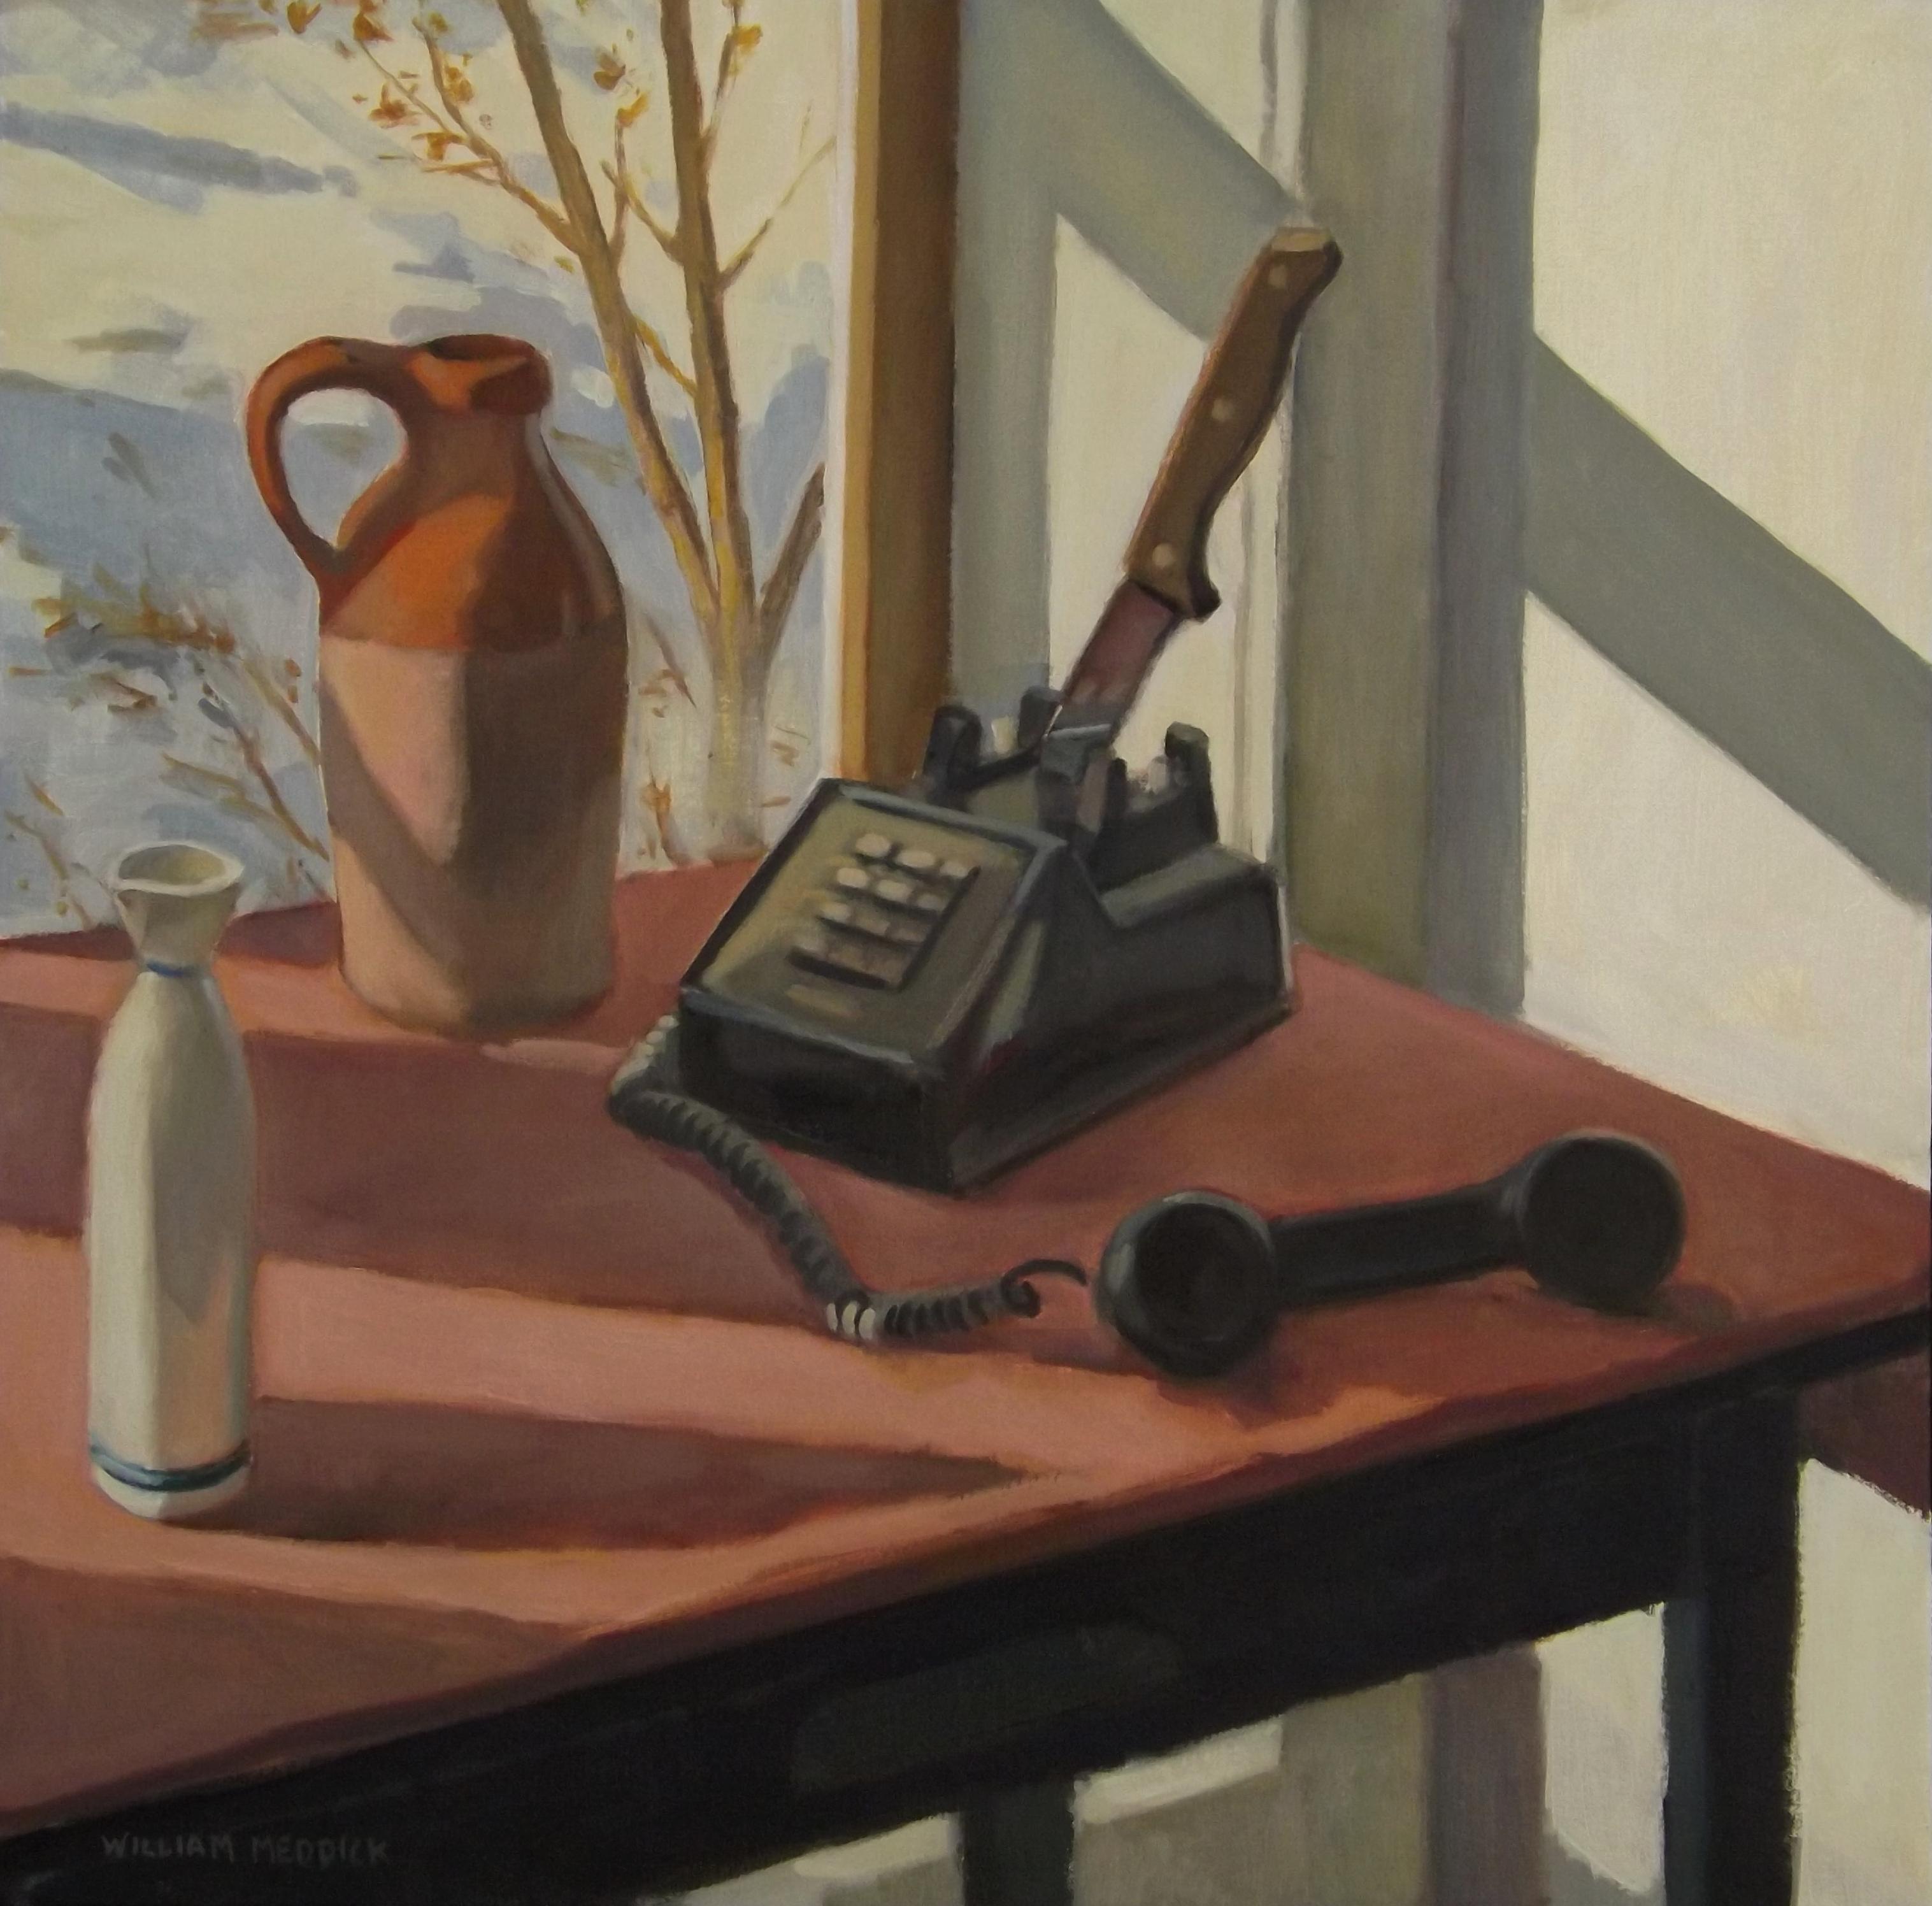 Dead Phone, oil, 20 x 20